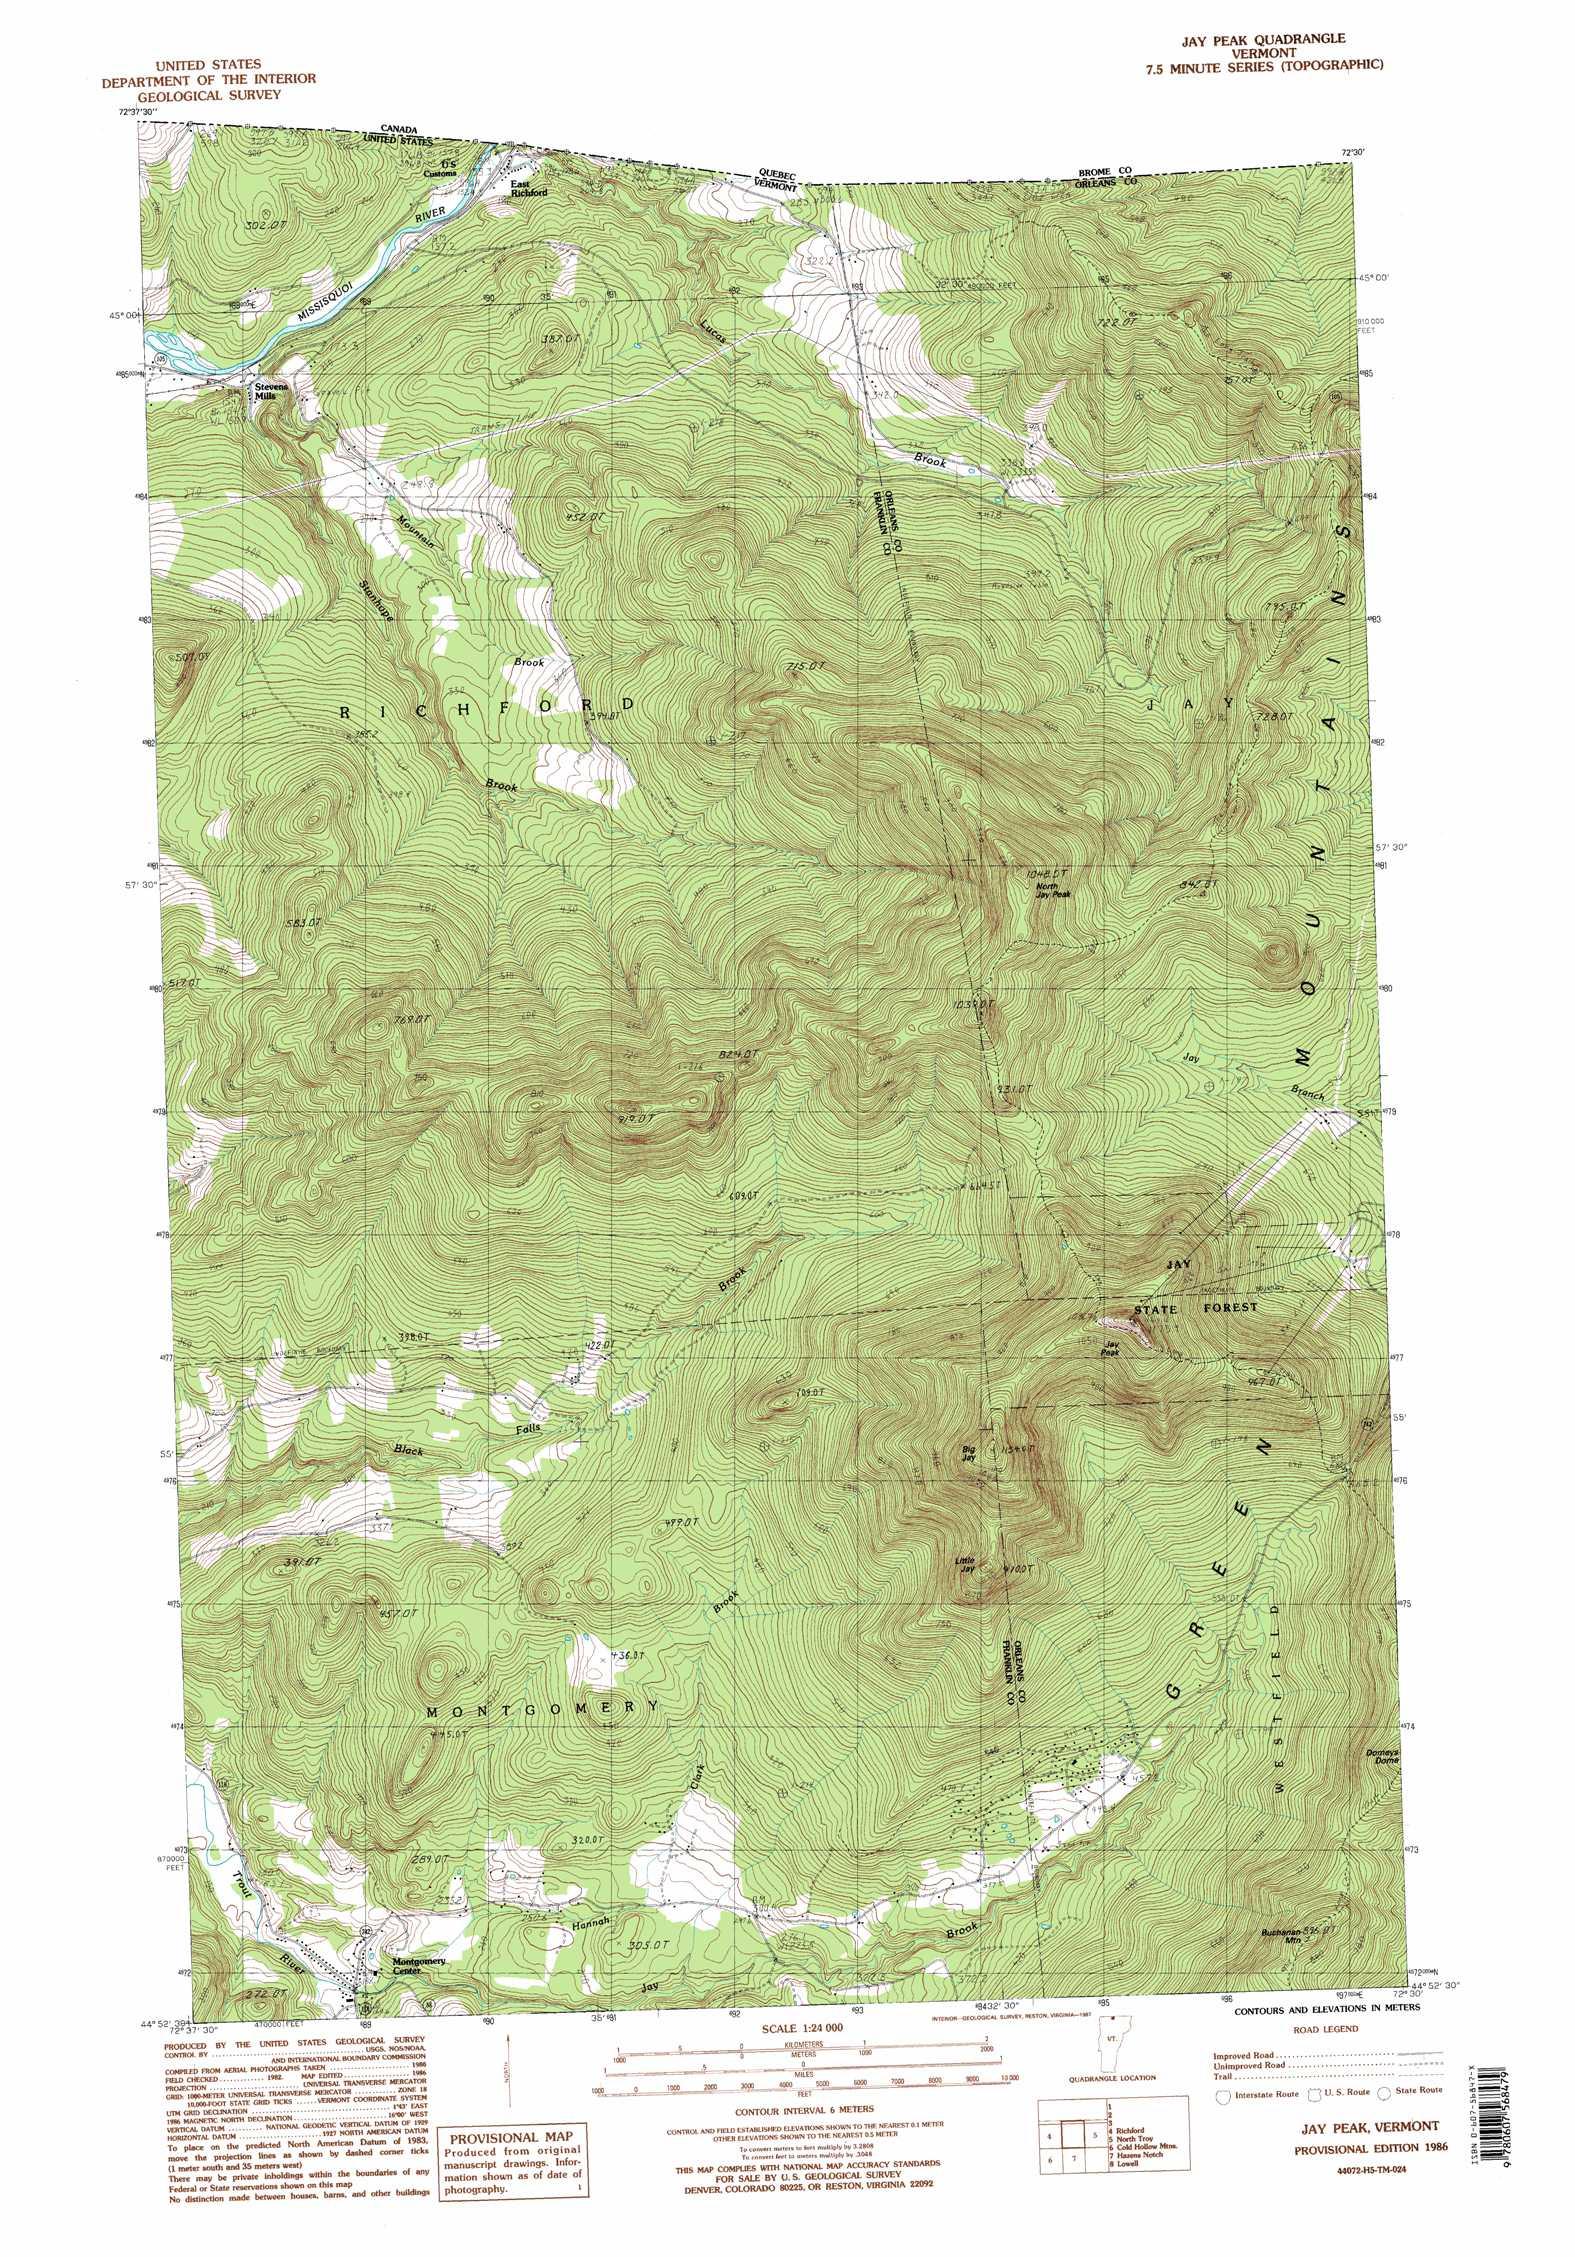 Jay Peak Topographic Map VT  USGS Topo Quad 44072h5